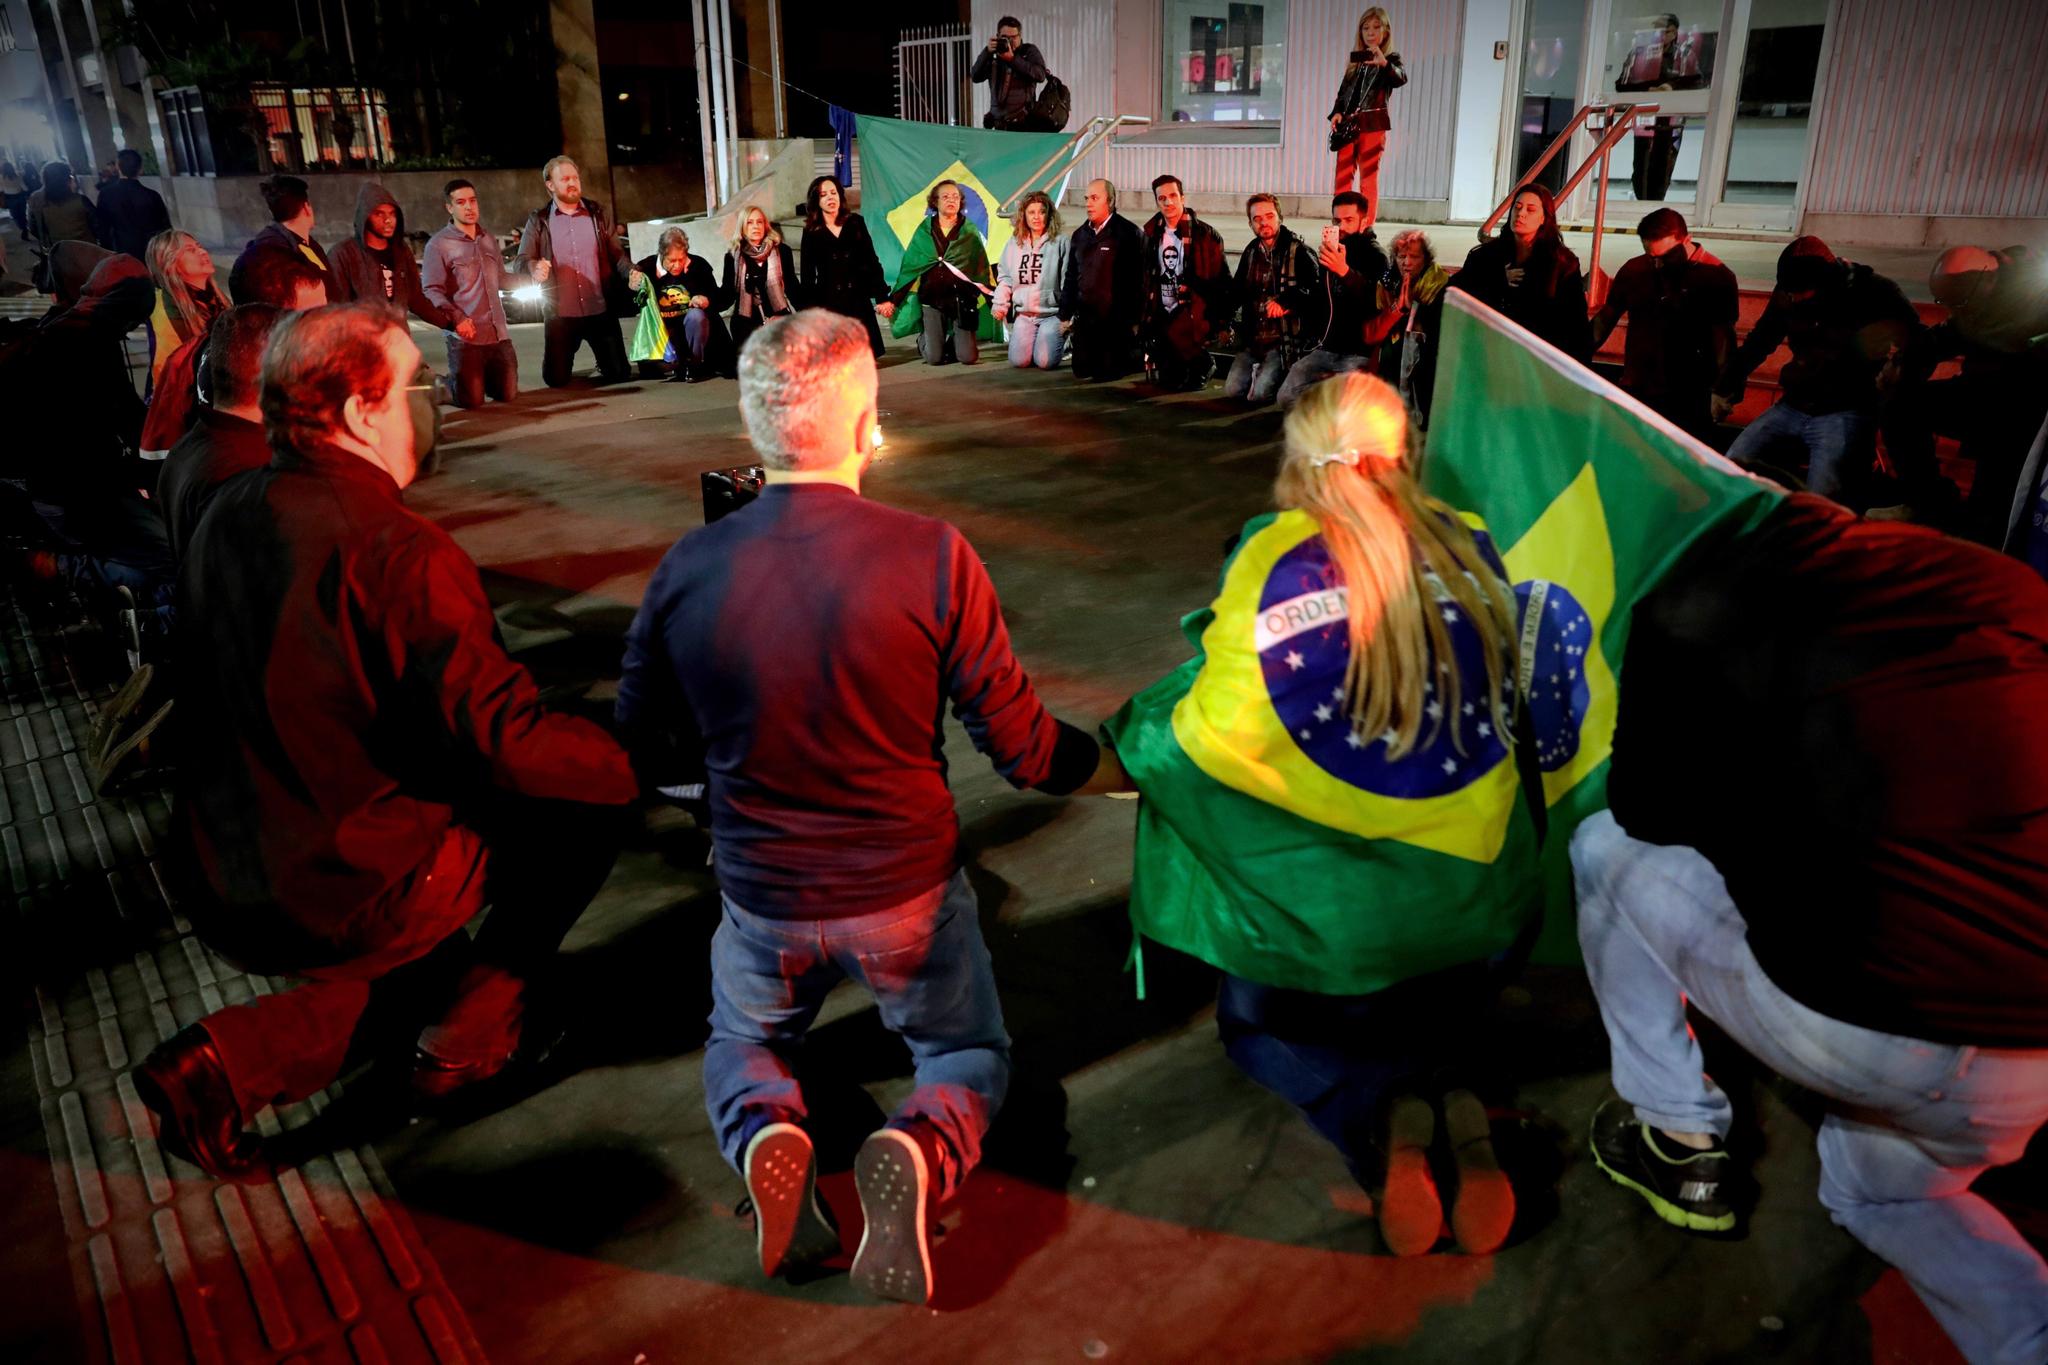 보우소나르 후보 지지자들이 6일(현지시간) 브라질 상파울로 파울이스타 거리에서 보우소나르의 쾌유를 기원하는 집회를 갖고 있다. [EPA=연합뉴스]